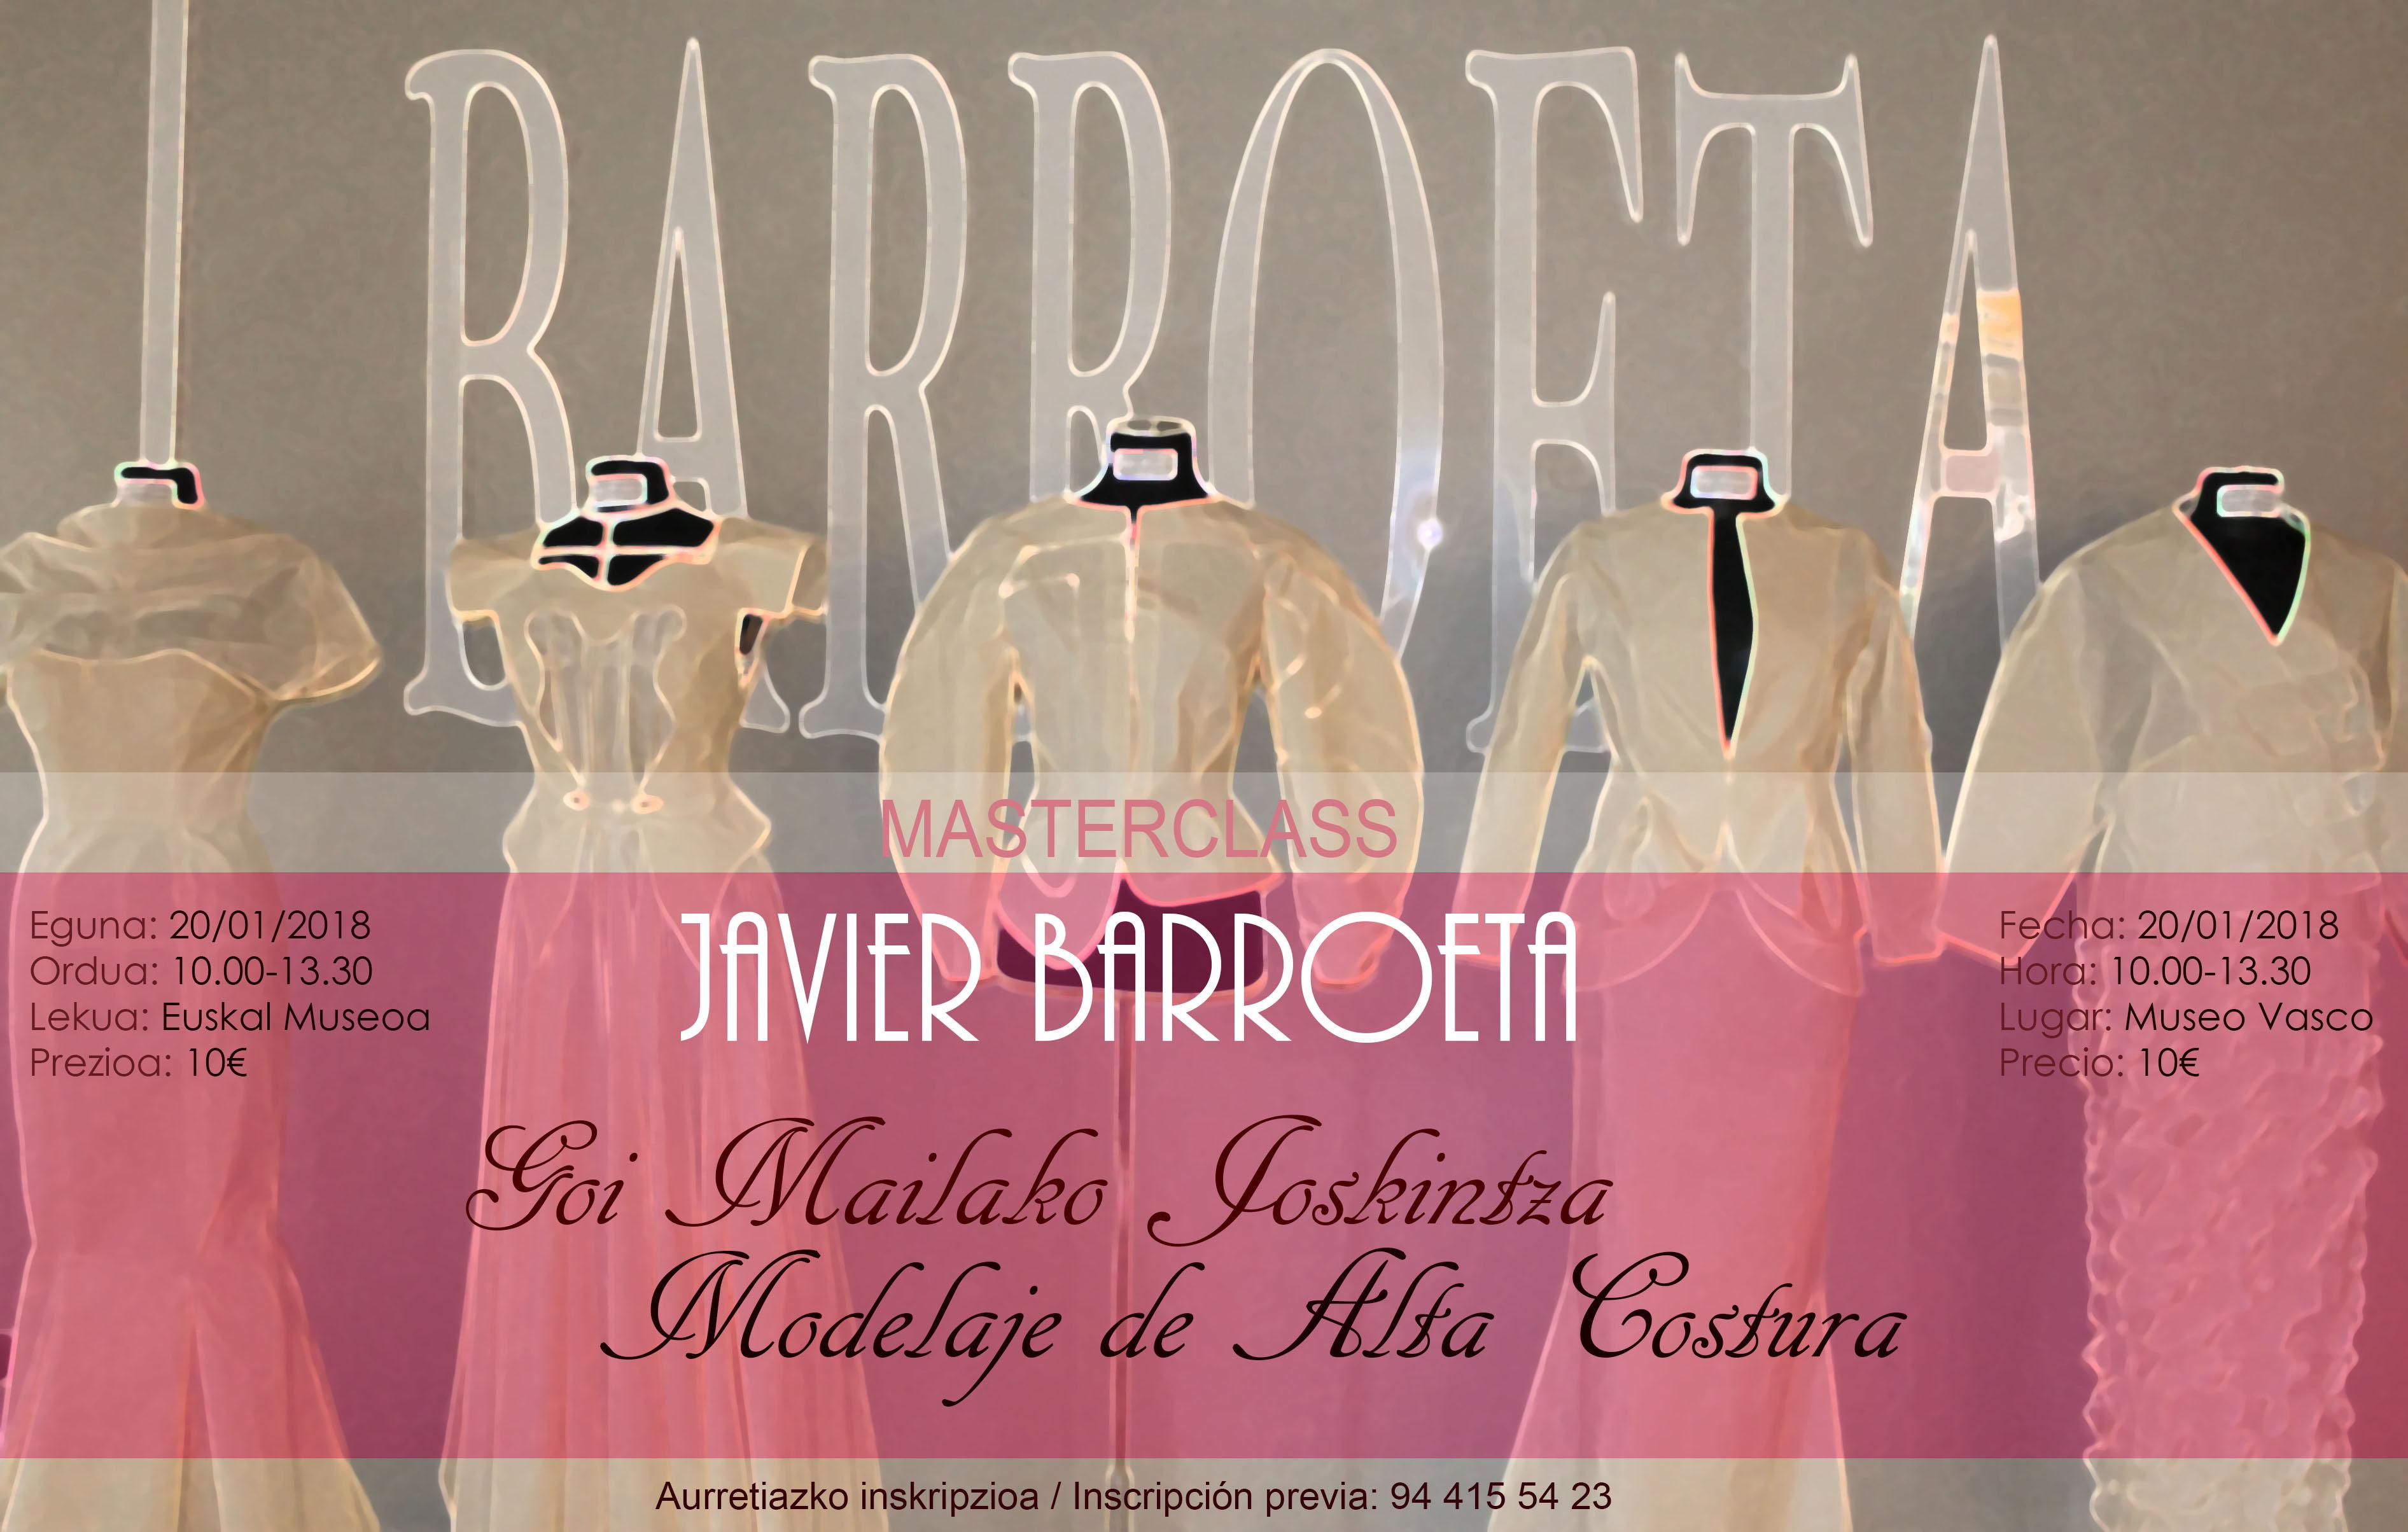 Javier Barroeta jostun ospetsuak Goi Mailako Joskintzako  class bat emango du Euskal Museoan